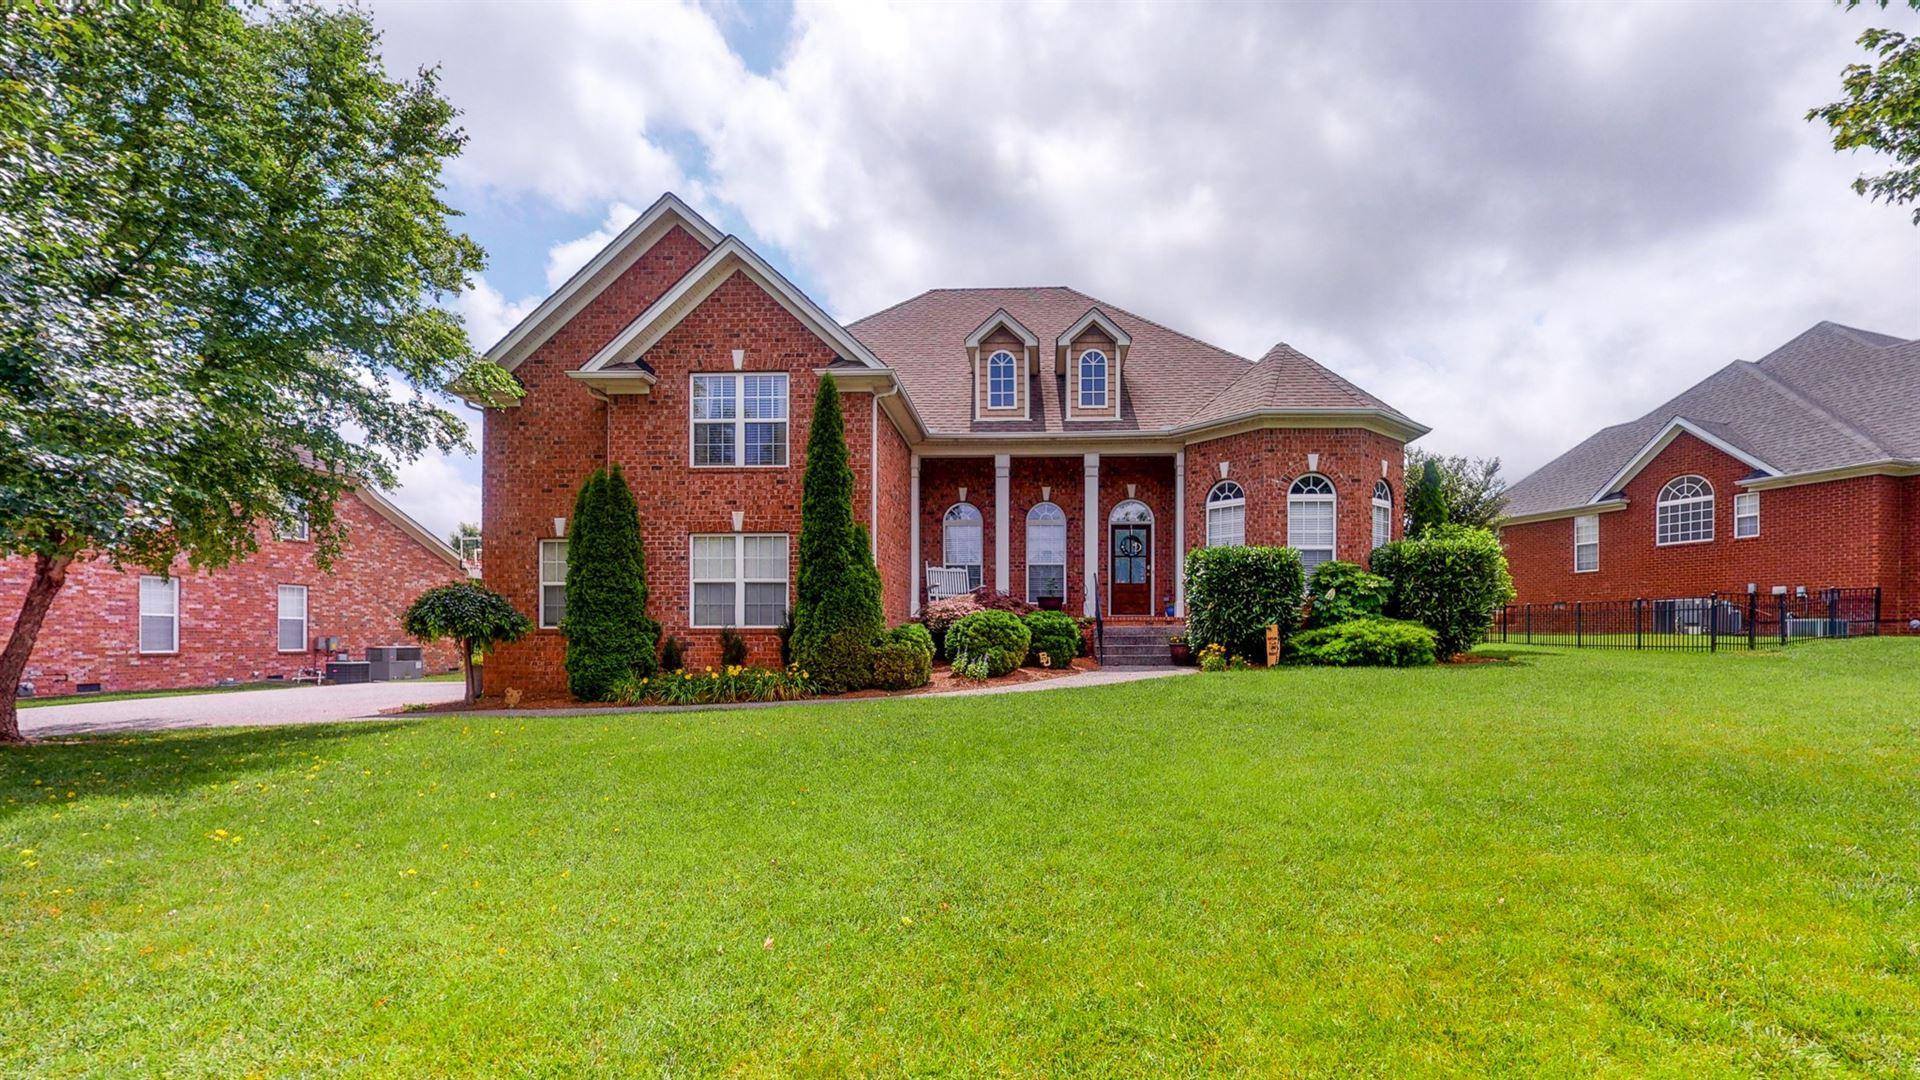 2012 Gweneth Dr, Spring Hill, TN 37174 - MLS#: 2261872